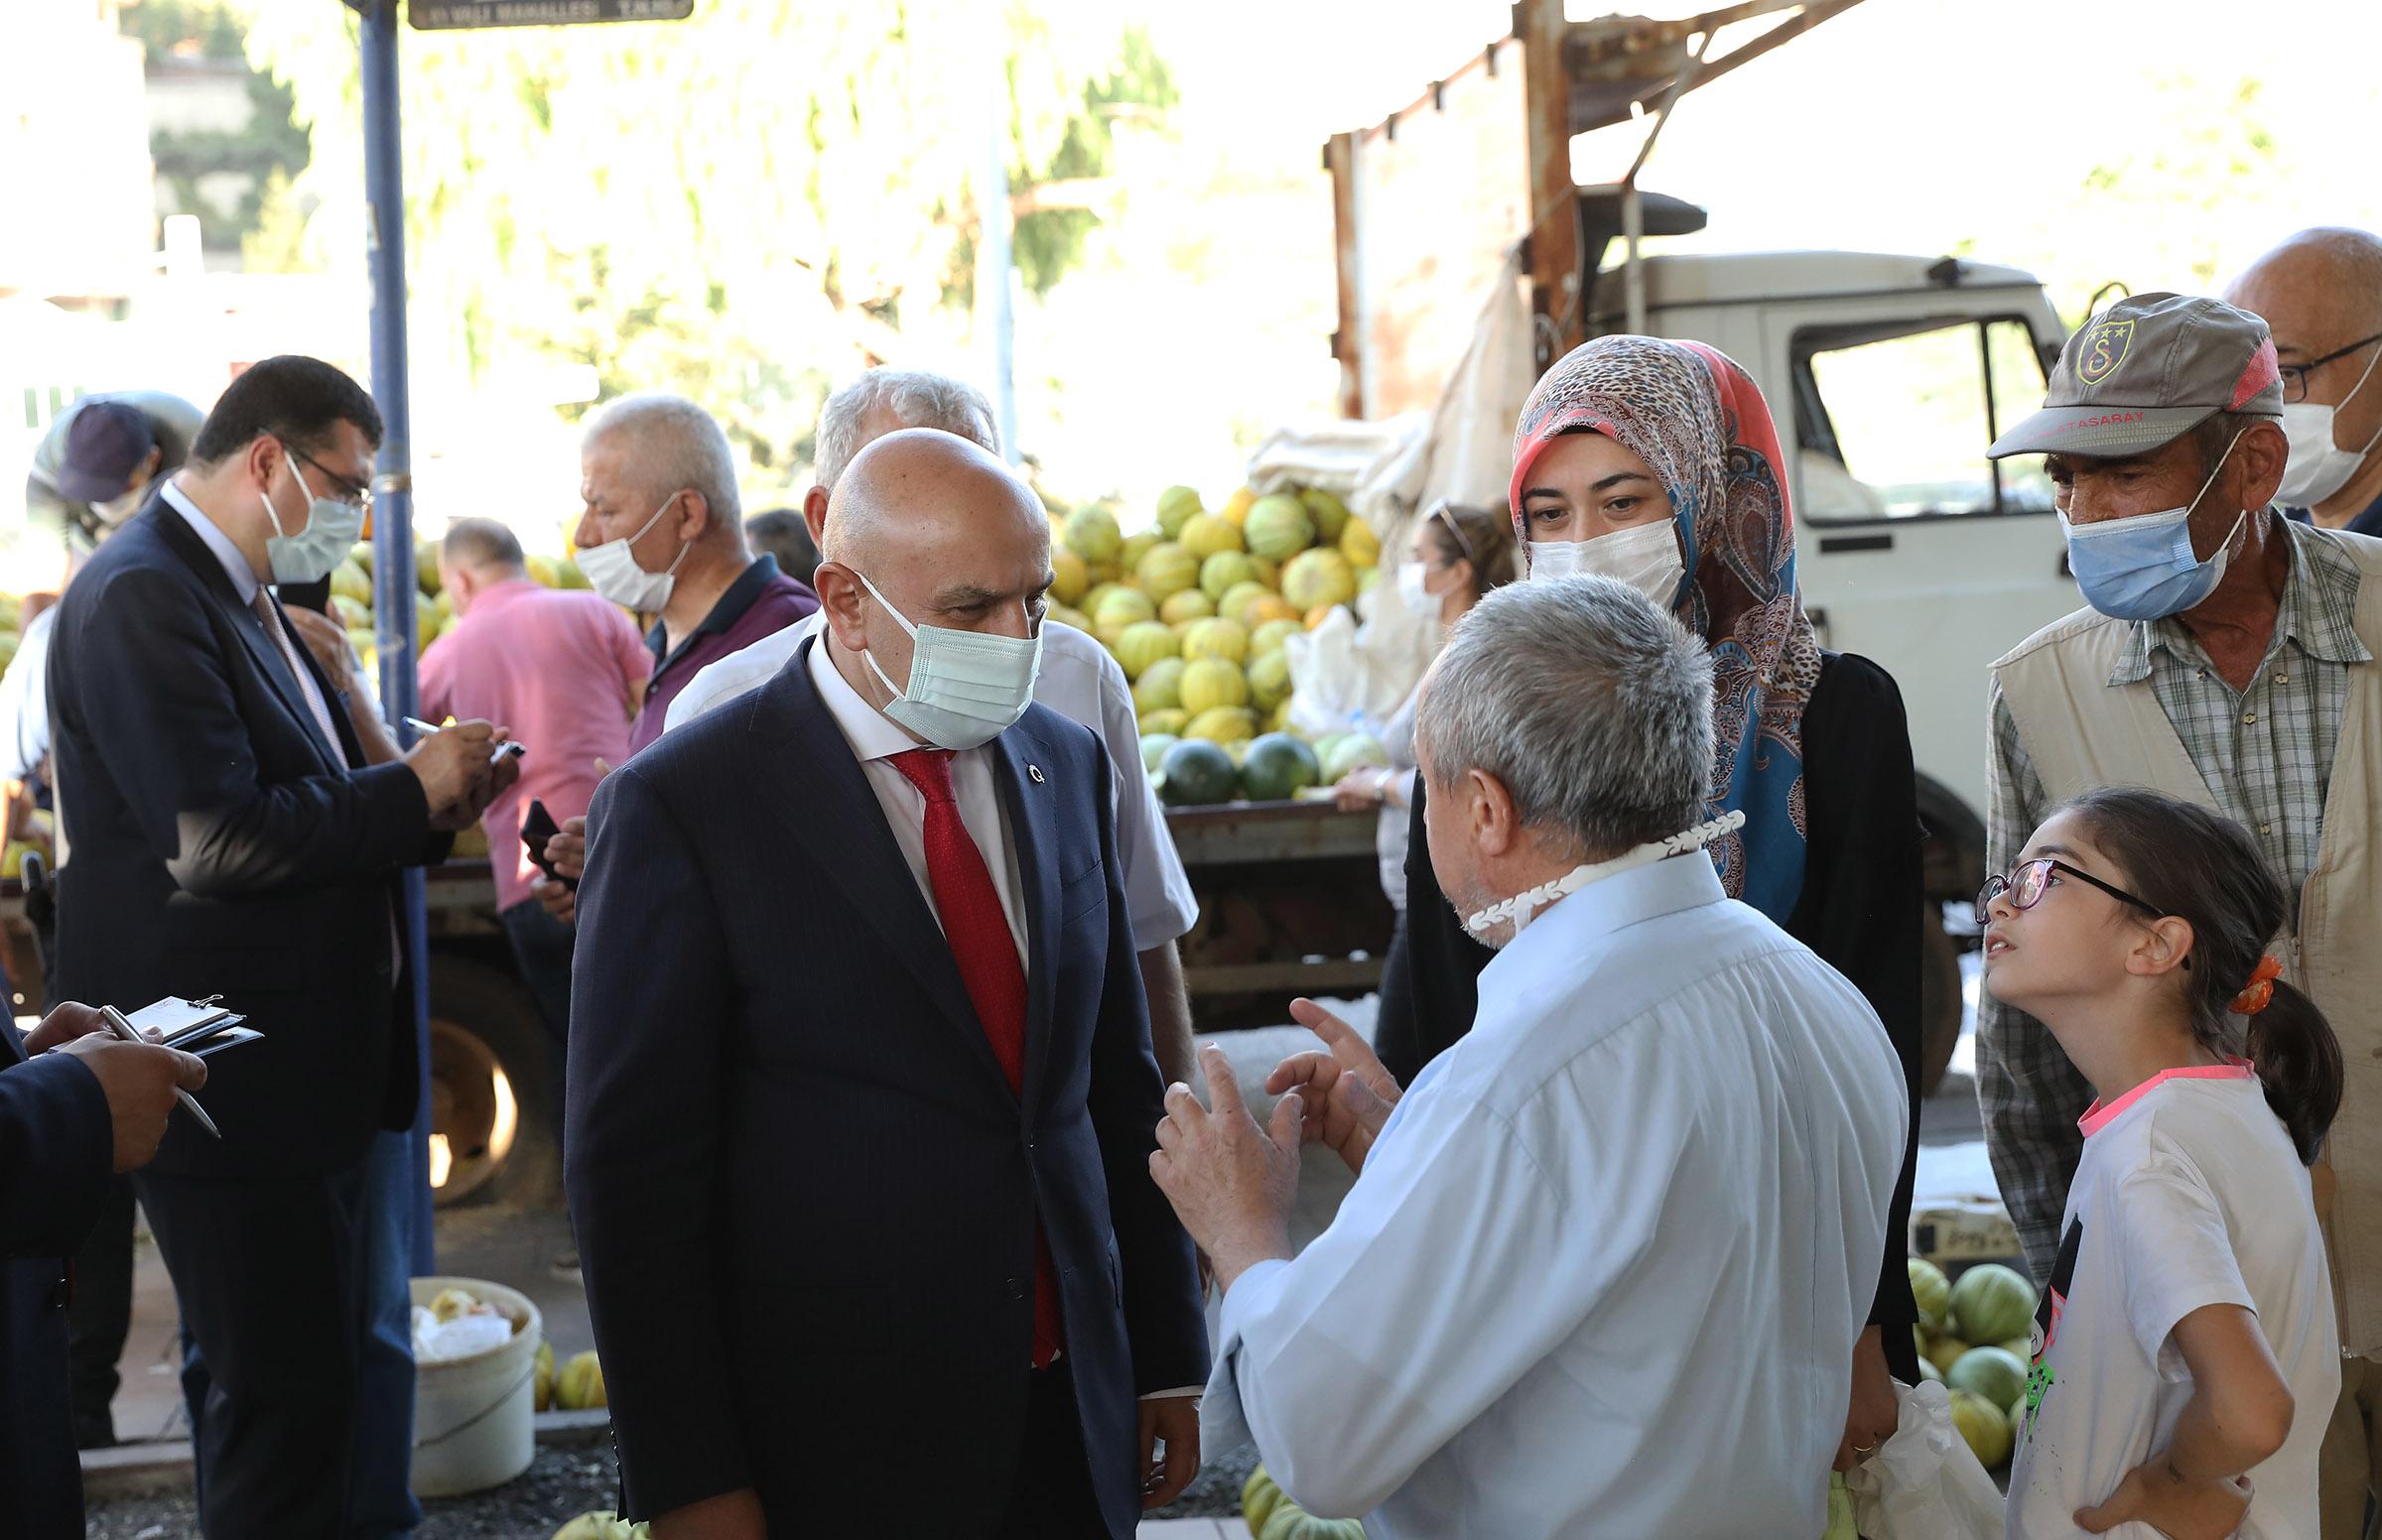 Keçiören Belediyesi, Çiftçiler İçin 'Organik Köylü Pazarı' Kurdu